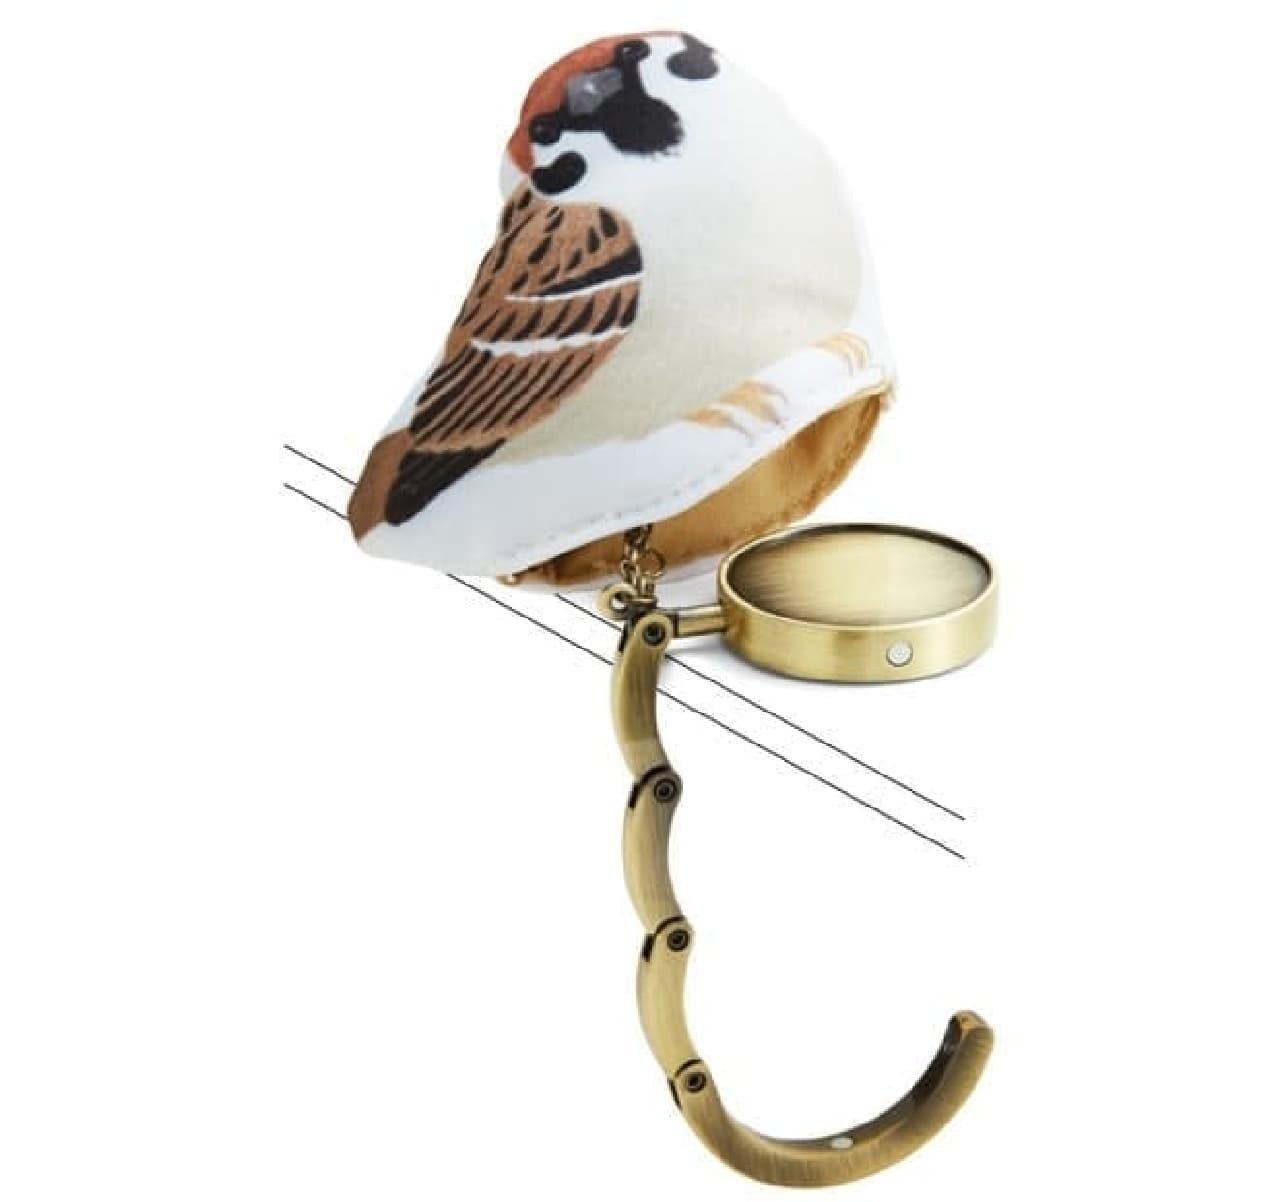 小鳥はハンガーを収納するケース  かわいいだけじゃ、なかった!